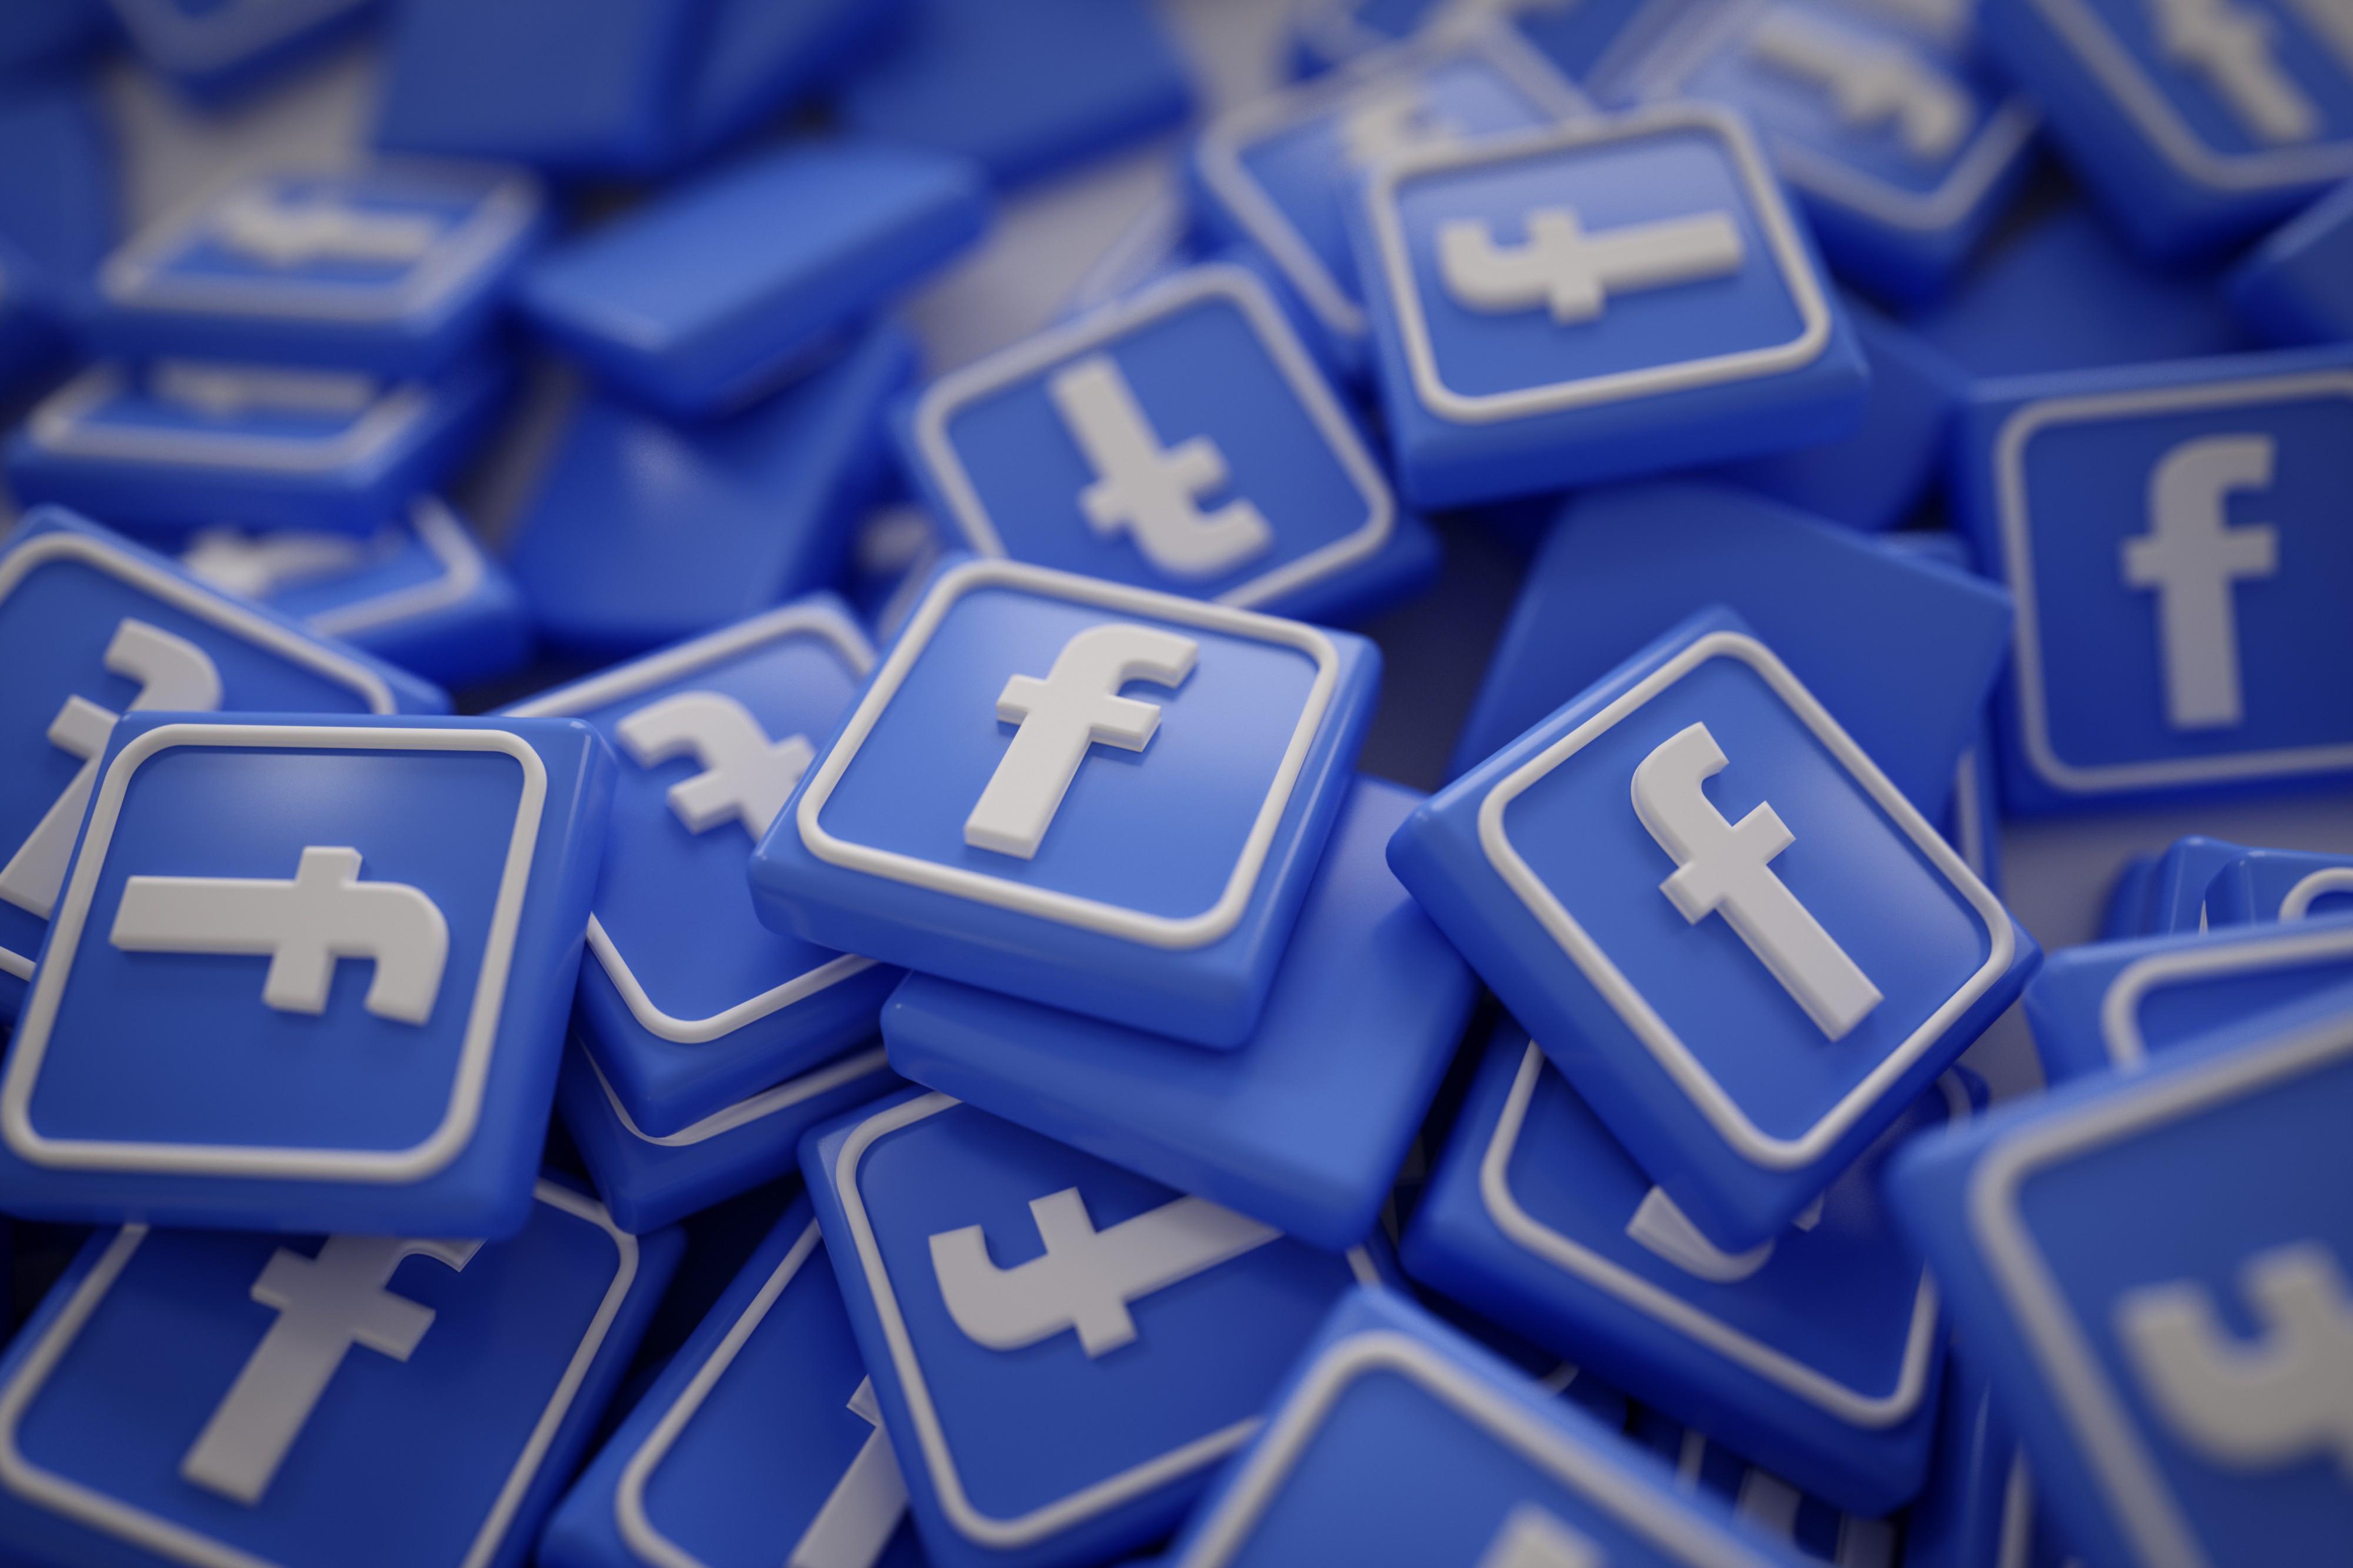 Calibra, la billetera digital de Facebook para el proyecto Libra, ahora pasará a llamarse Novi